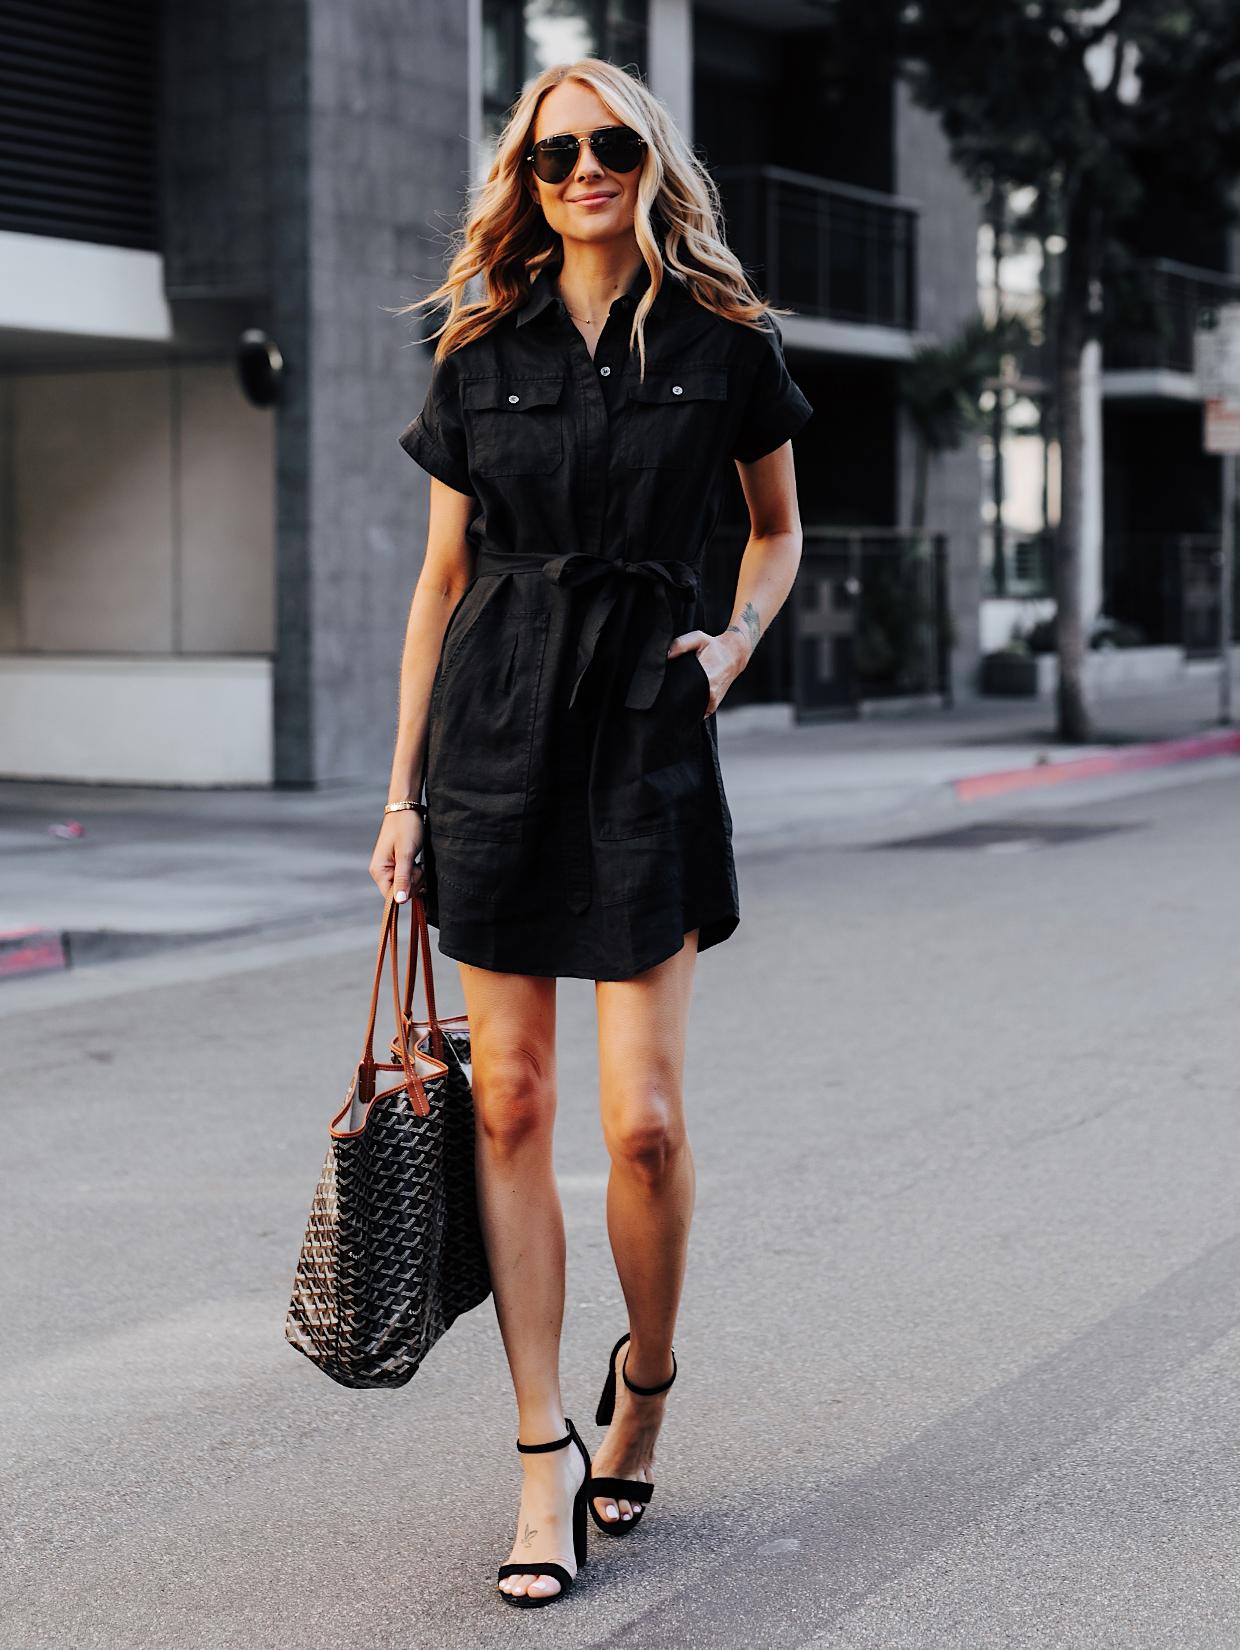 Fashion Jackson Wearing Black Short Sleeve Shirt Dress Featured Image